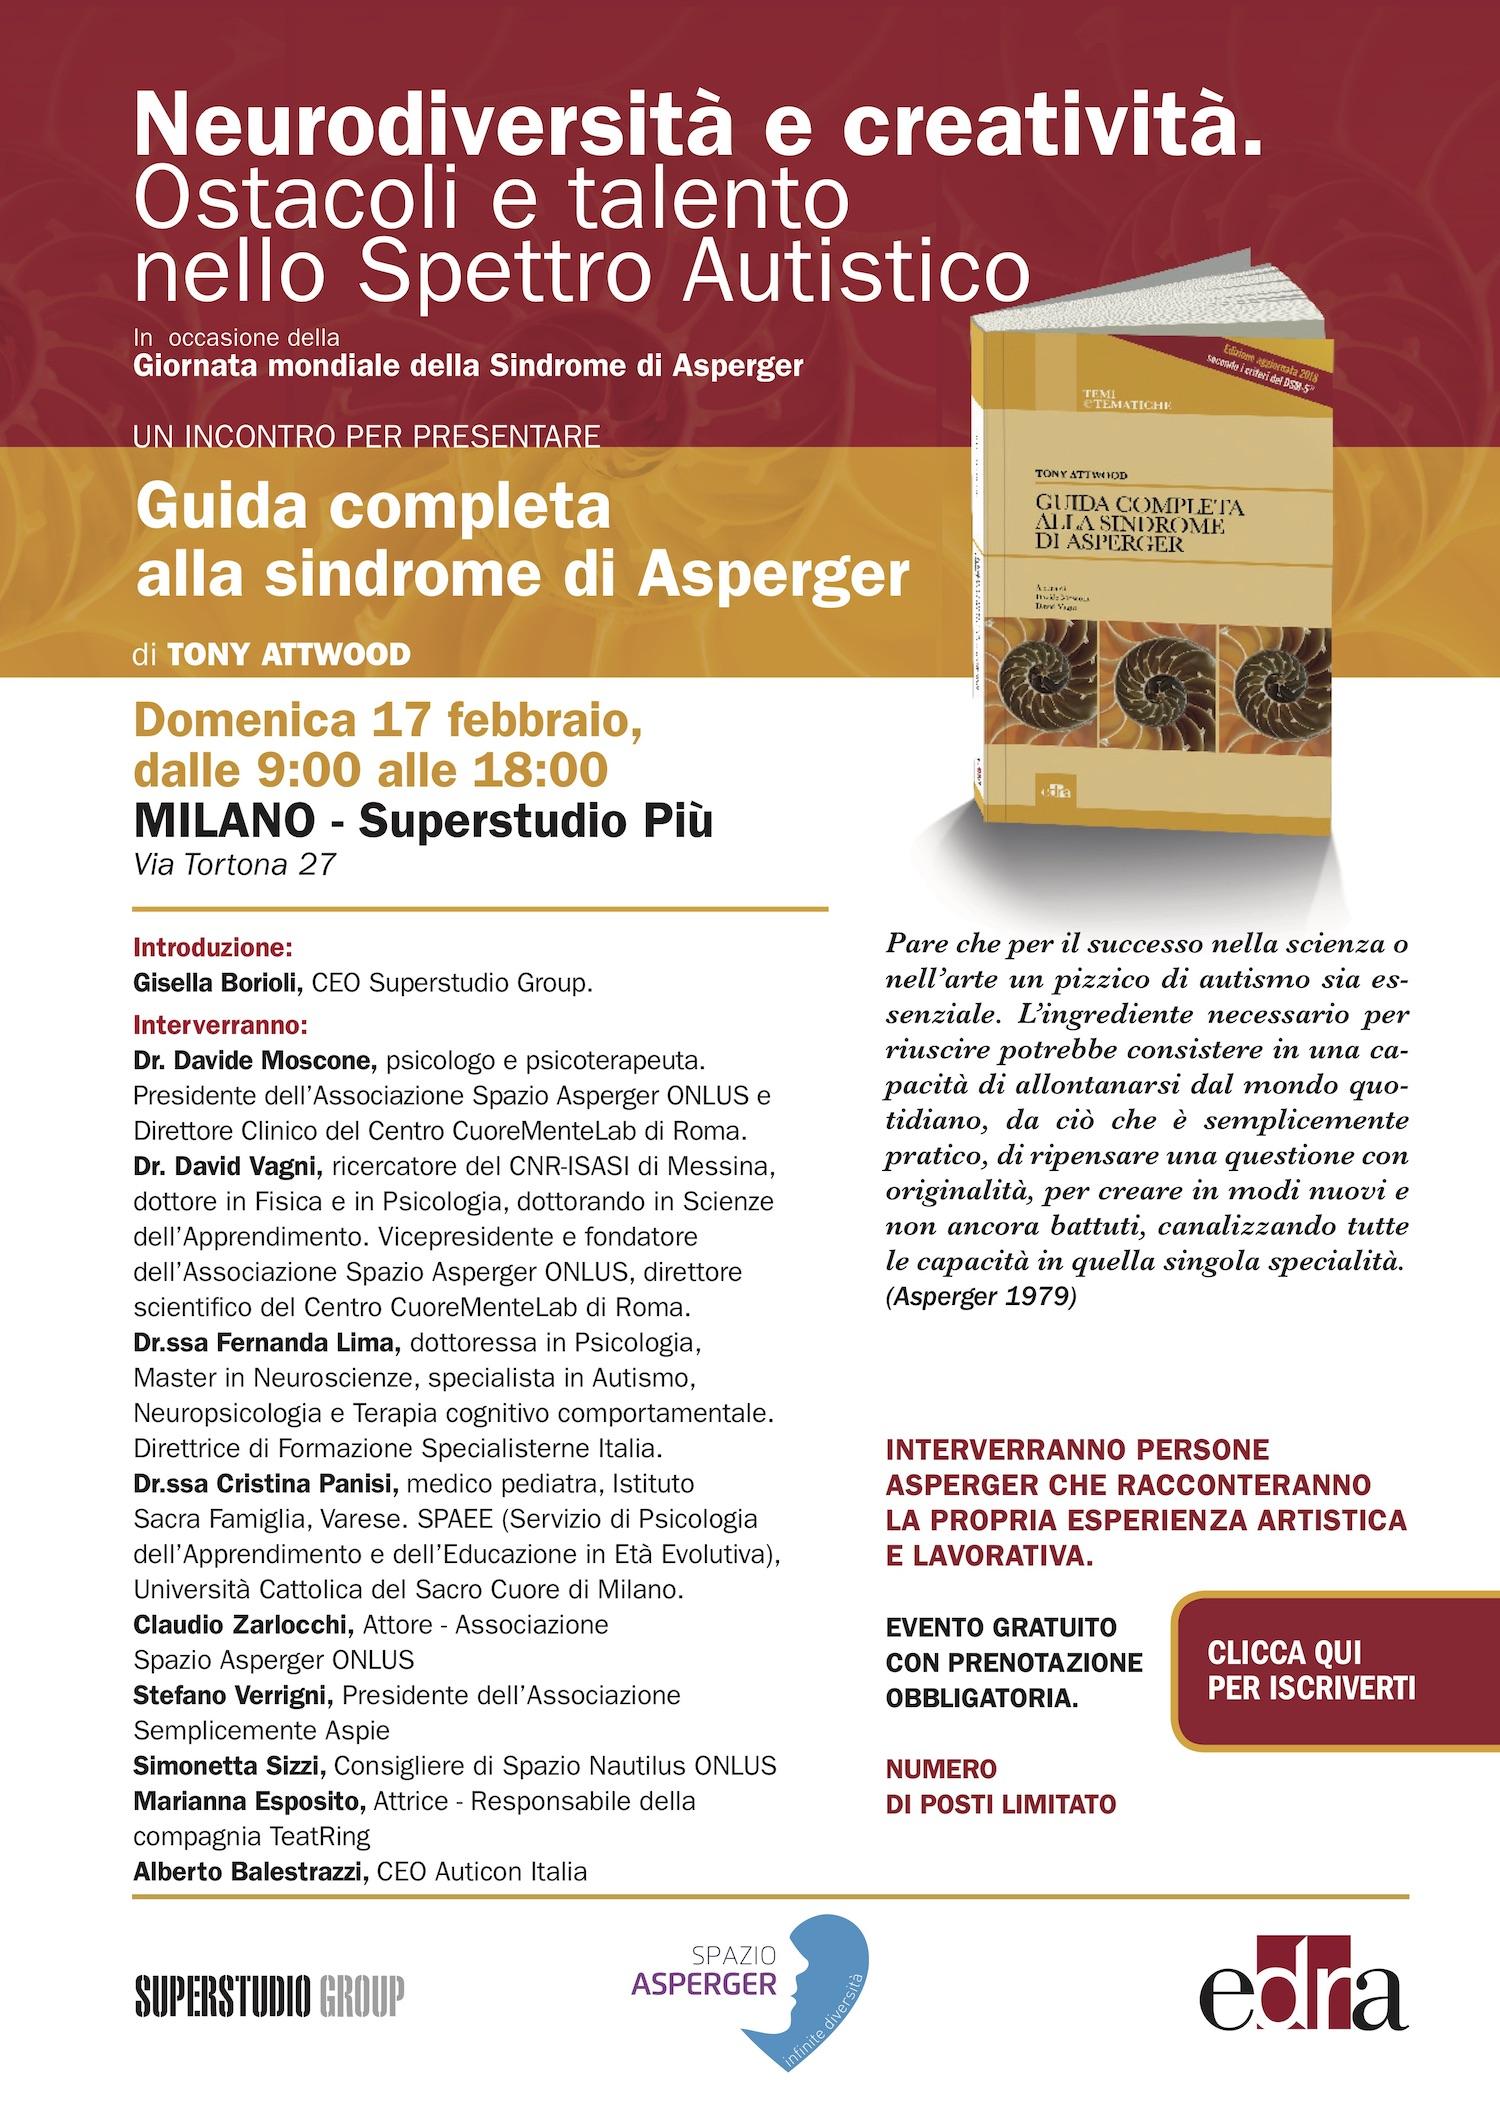 bfc8356542bb7 Neurodiversità e Creatività - Milano - 17 febbraio 2019